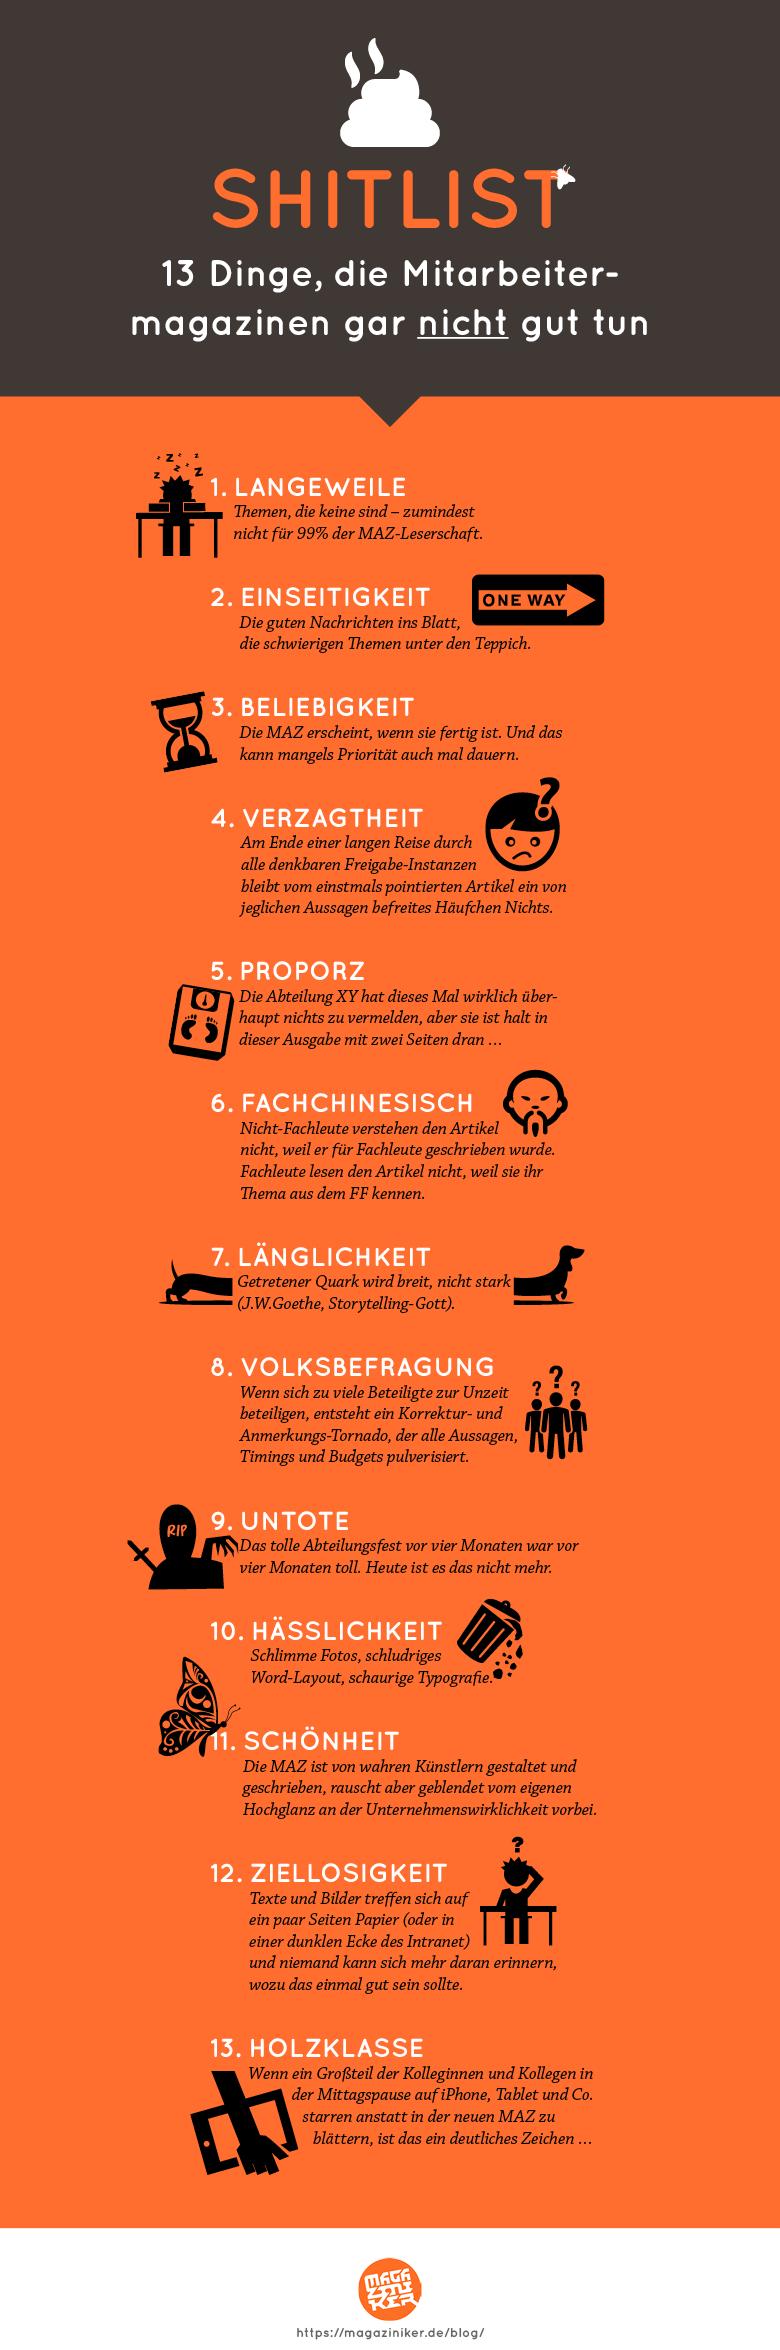 prco-mitarbeitermagazin-infografik-13-no-gos_1